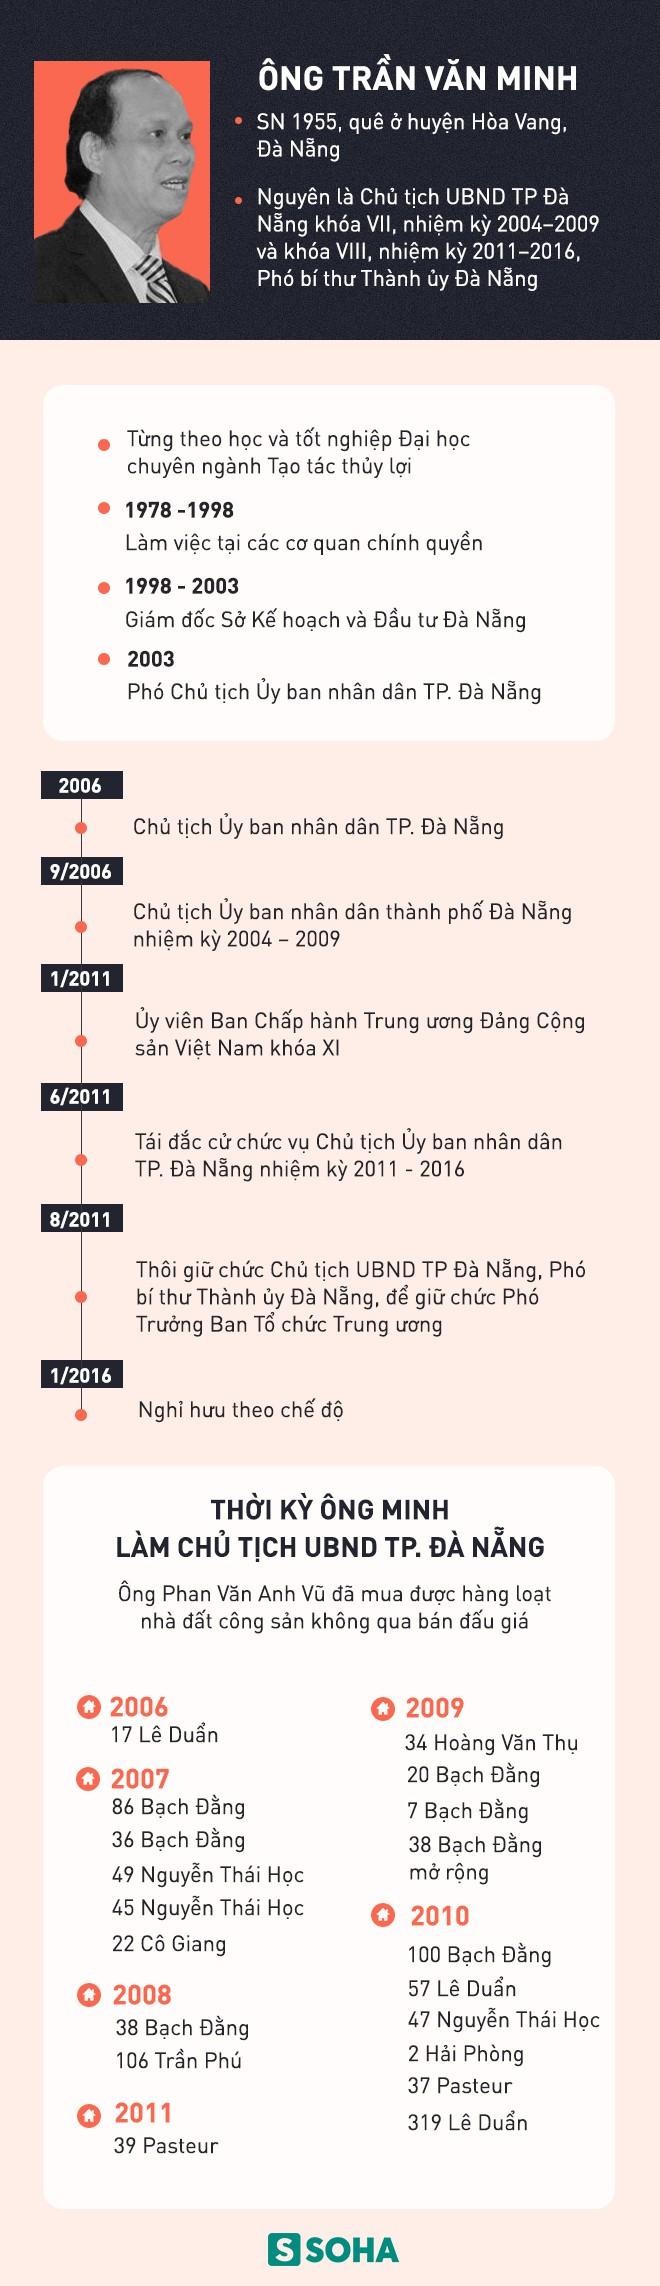 Cựu Chủ tịch Đà Nẵng Trần Văn Minh từng nói gì trước thông tin bị bắt? - Ảnh 5.